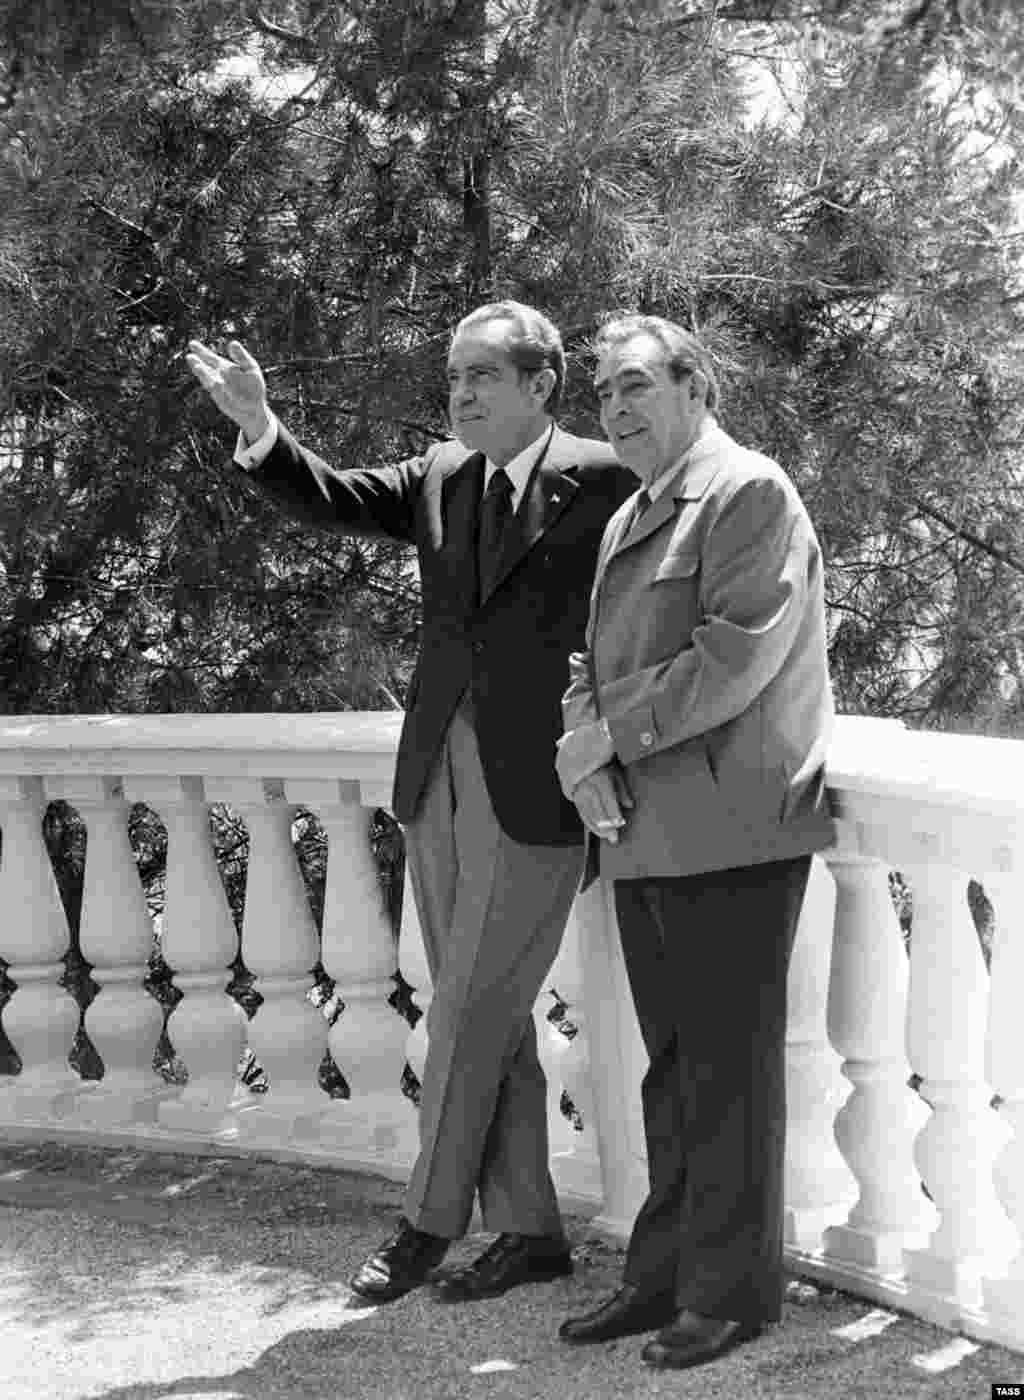 Никсон и Брежнев во время беседы в поселке Ореанда. Для американского президента это был второй визит в СССР, но первая поездка в Крым. Он приехал в СССР, чтобы продолжитьпереговоры об ограничении стратегических вооружений